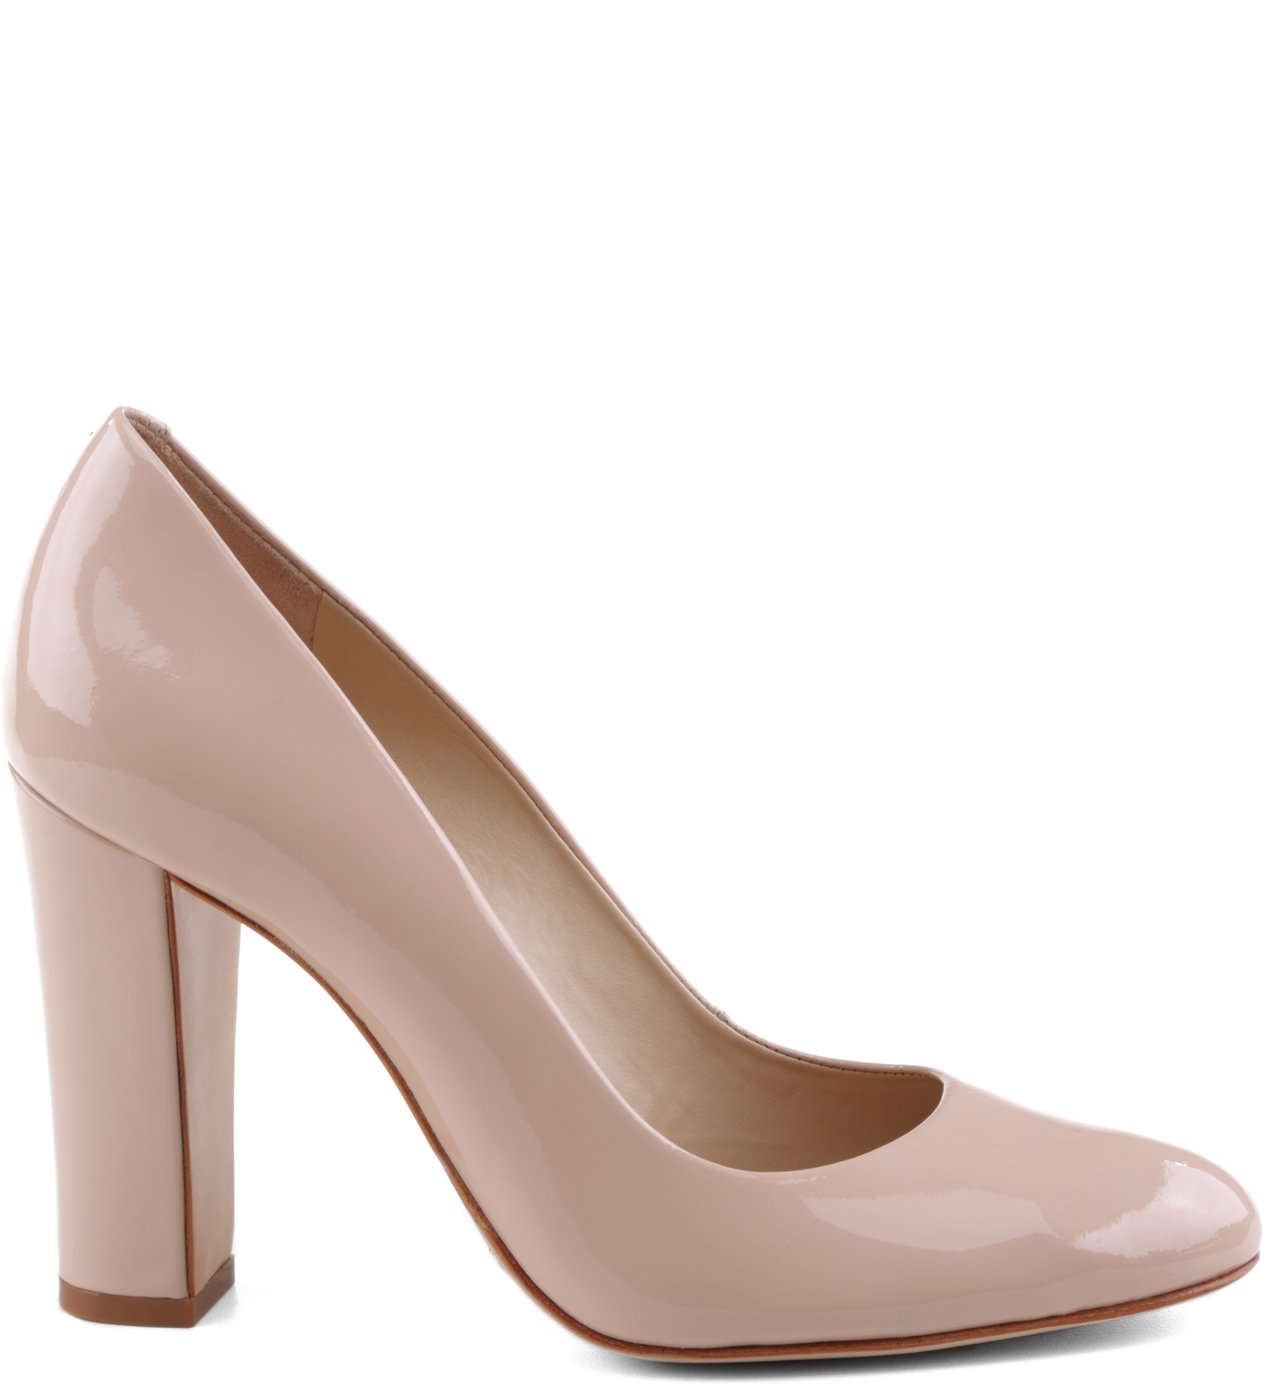 Scarpin Salto Grosso Nude: https://www.schutz.com.br/store/shoes/scarpins/scarpin-salto-grosso-nude/p/2006000010001U/zoomImages